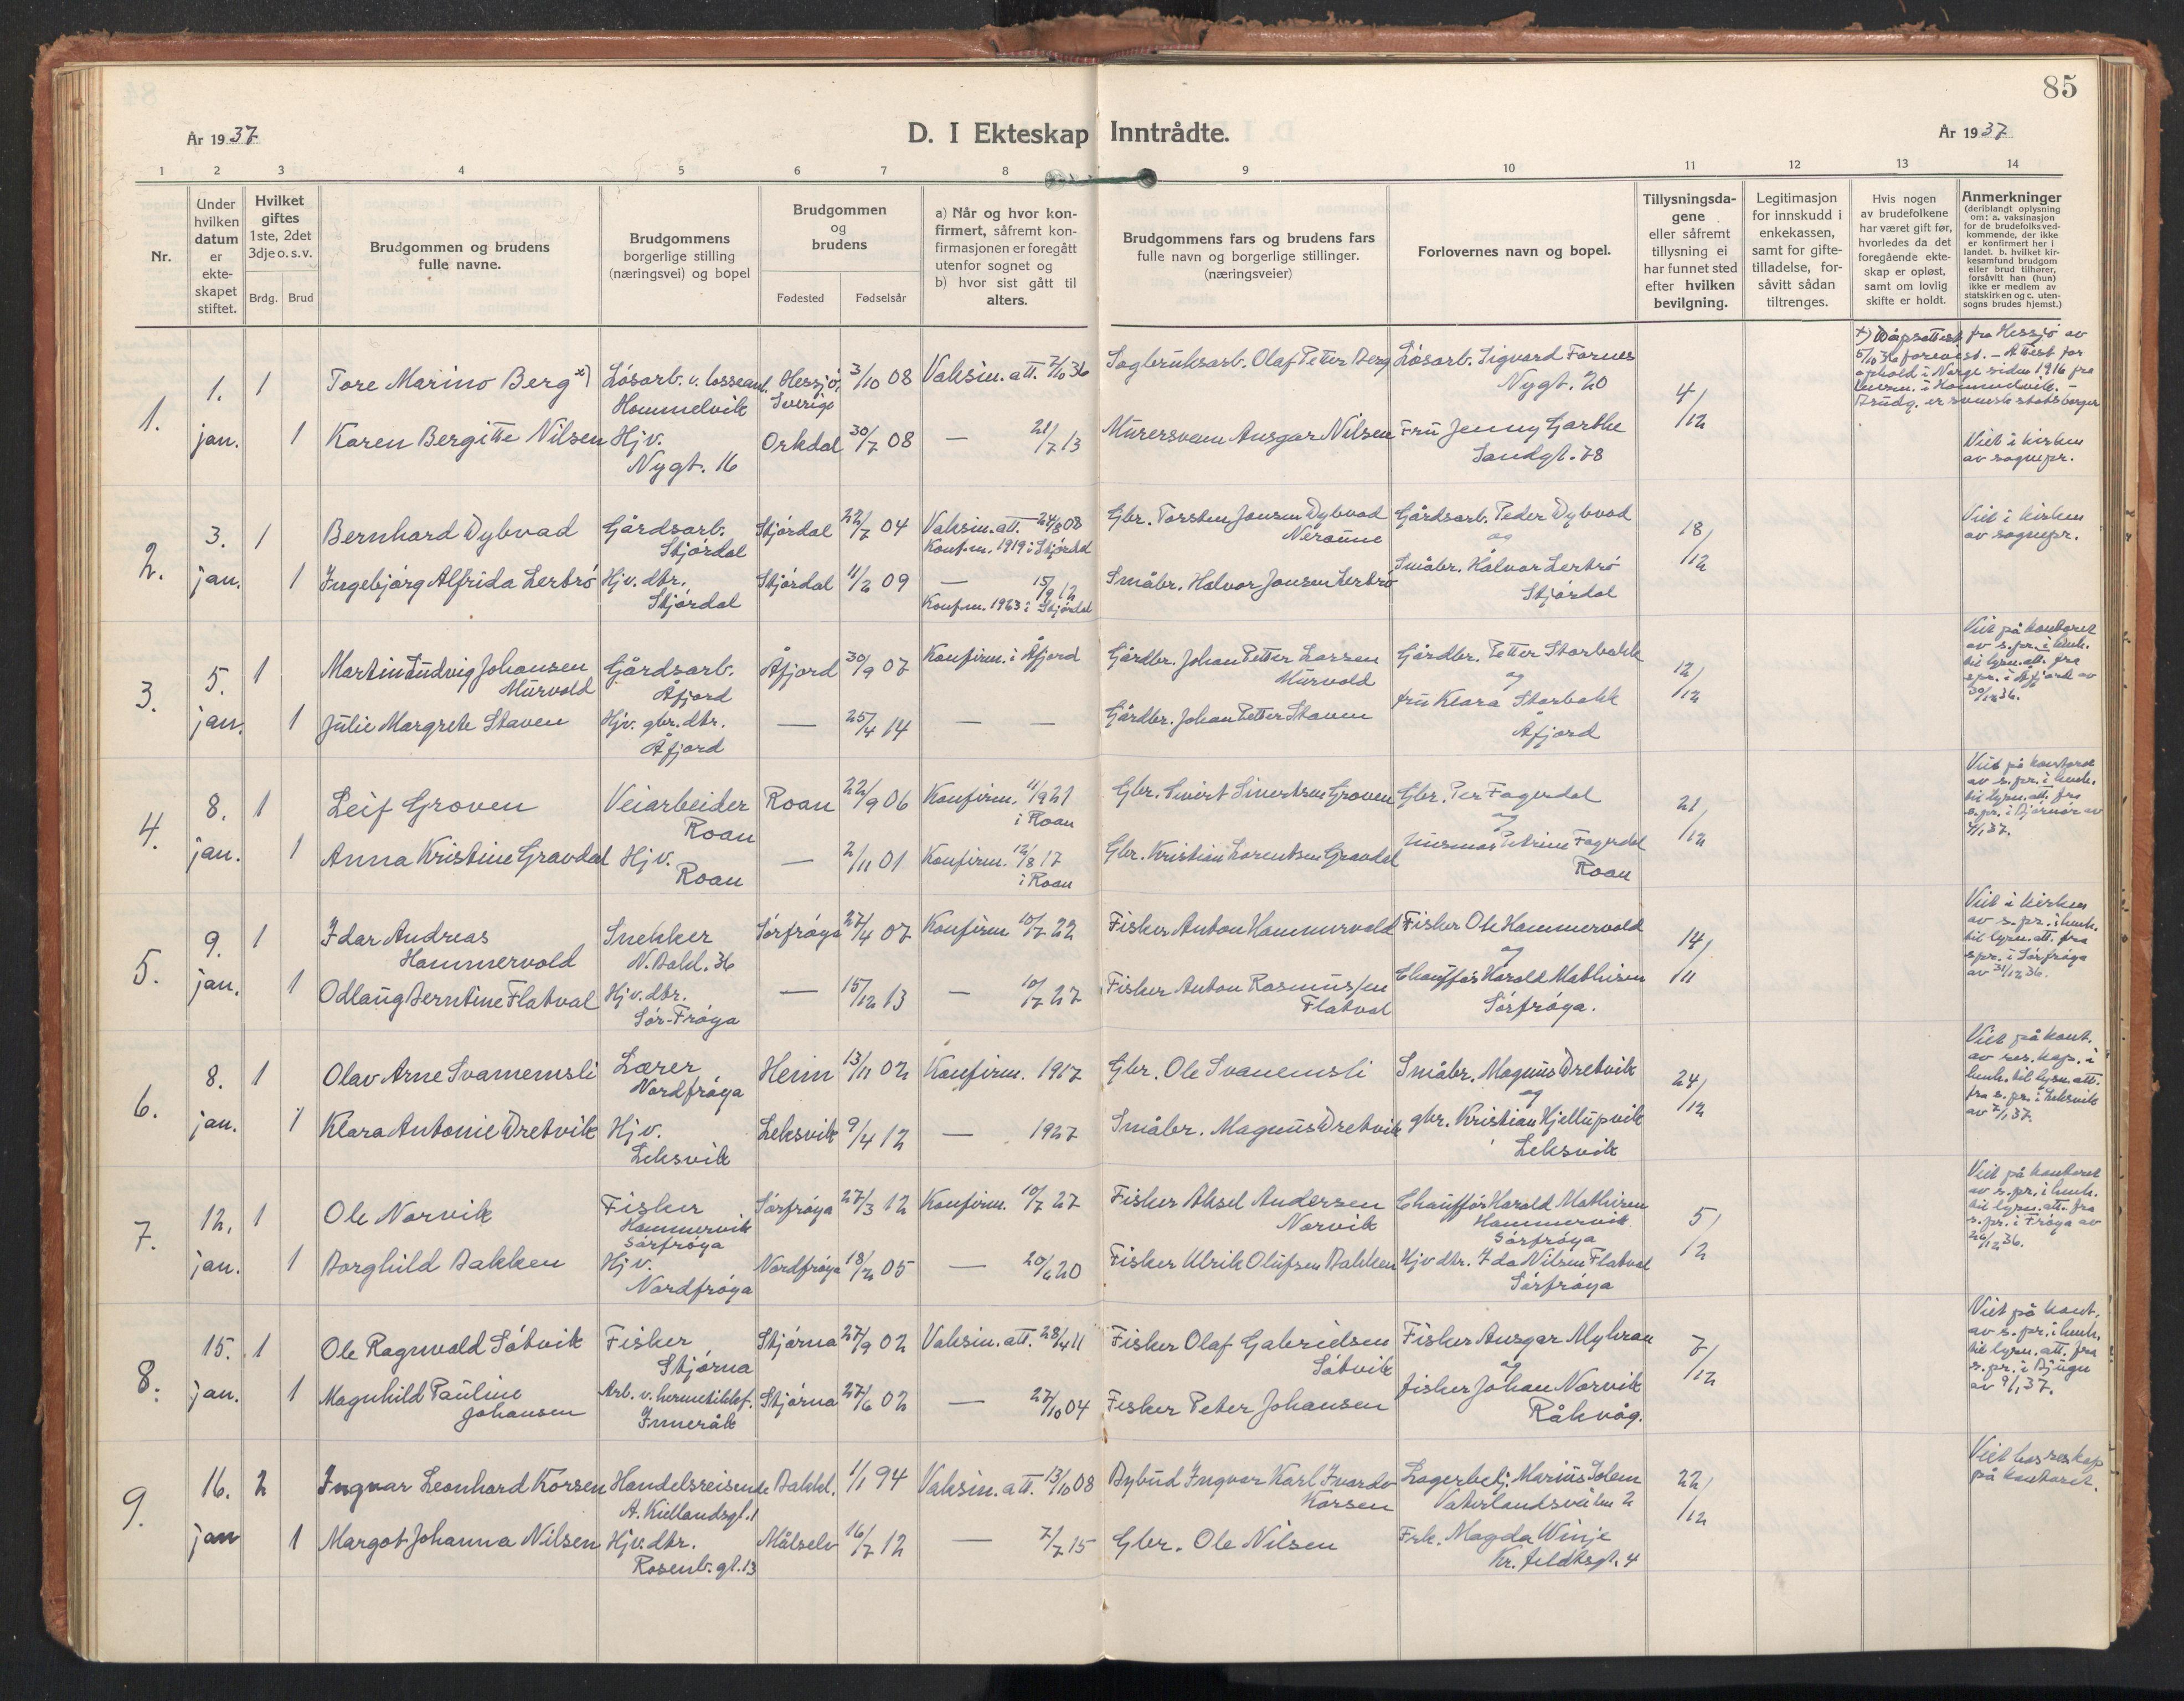 SAT, Ministerialprotokoller, klokkerbøker og fødselsregistre - Sør-Trøndelag, 604/L0209: Ministerialbok nr. 604A29, 1931-1945, s. 85